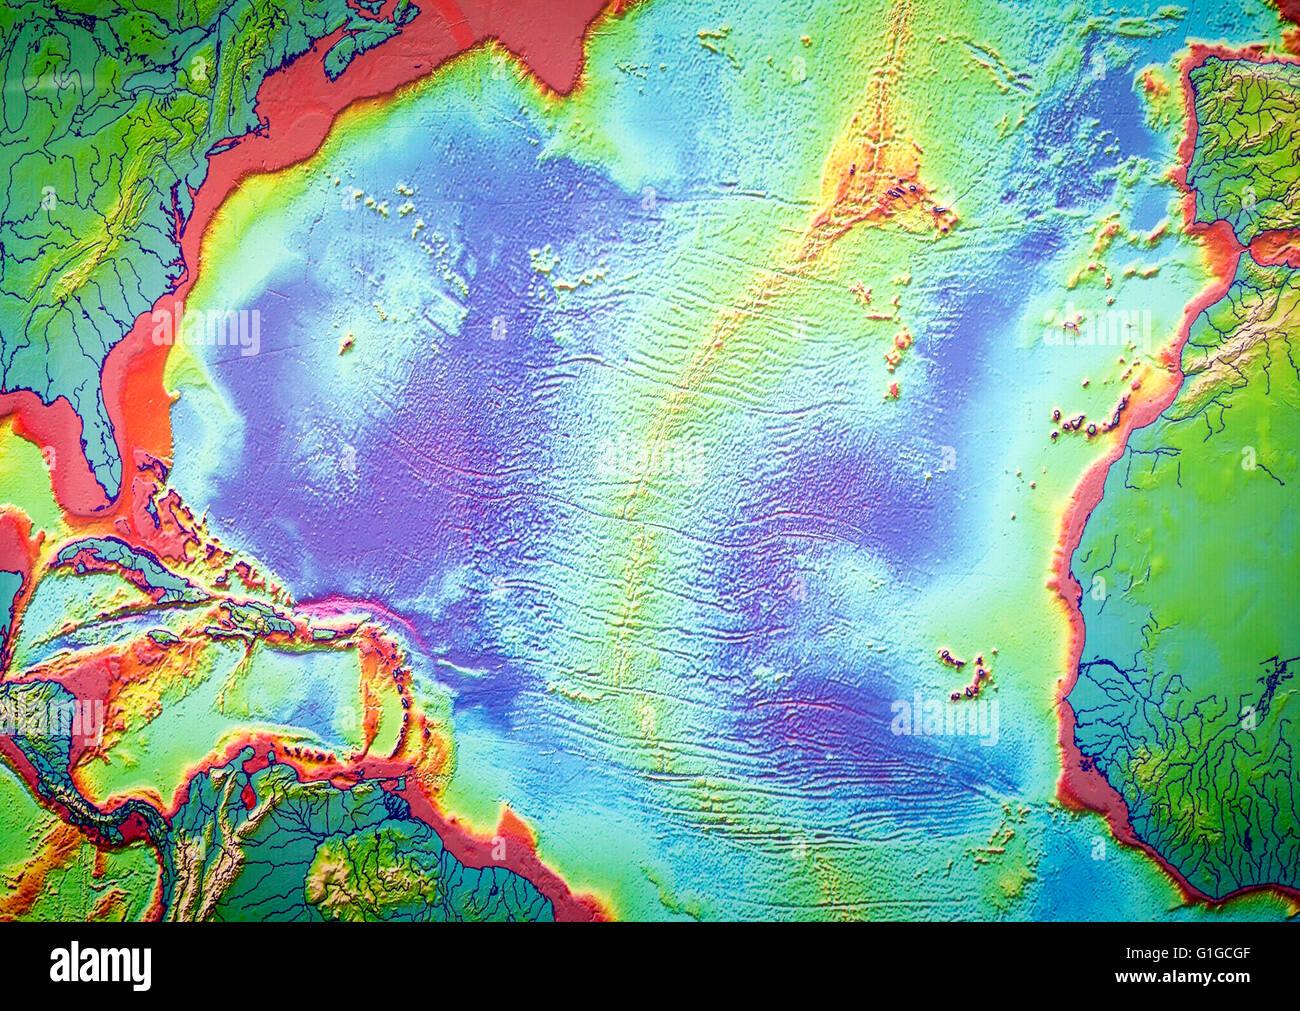 Volcanic Islands In The North Atlantic Ocean